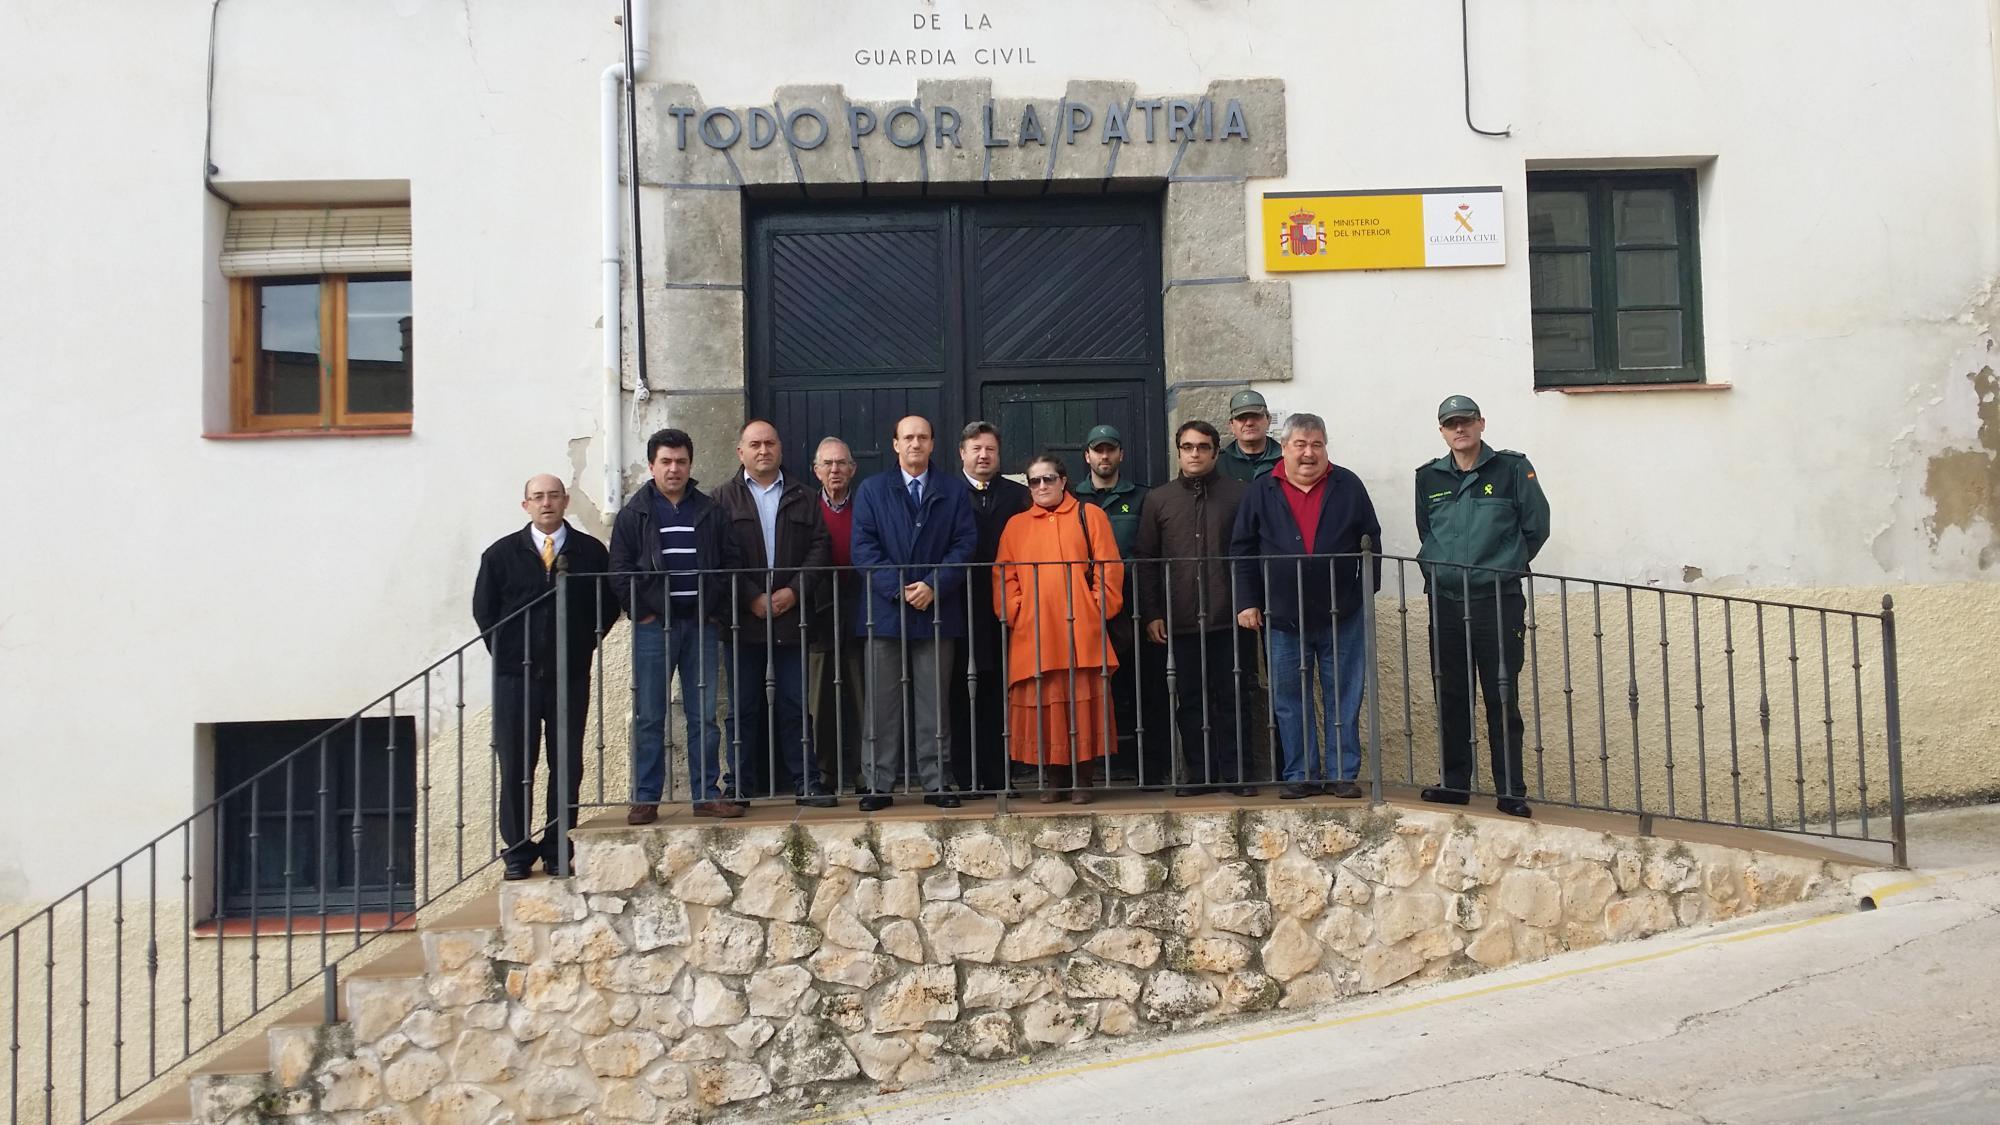 El subdelegado del Gobierno visitó las instalaciones del cuartel de la Guardia Civil de Budia, junto a los ediles de la demarcación del puesto